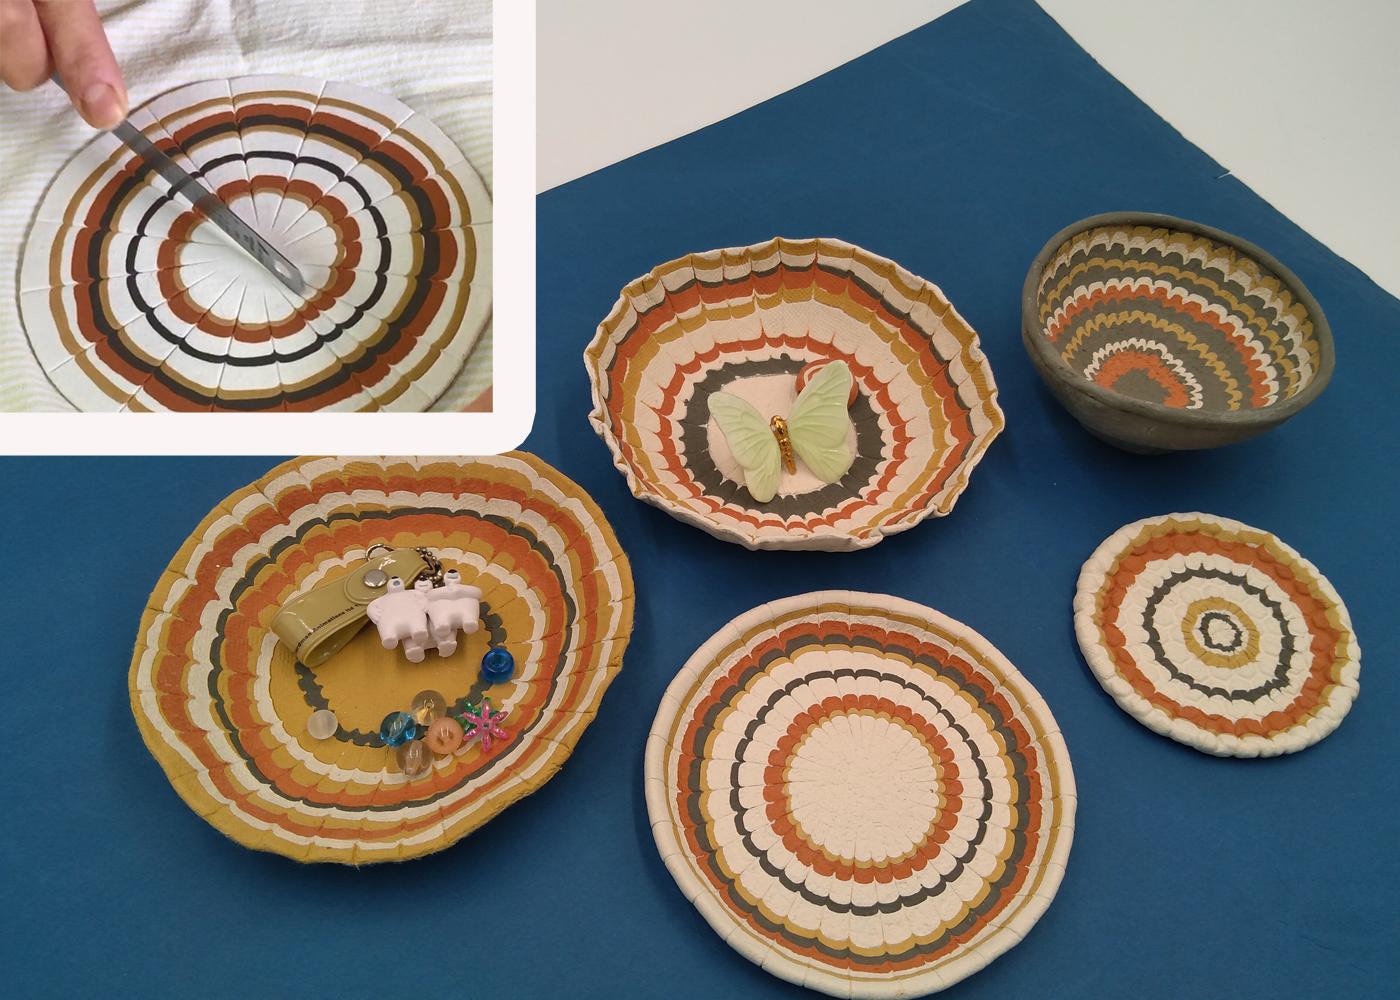 ひなたぼっこ4色を使った不思議な模様の小皿づくりのメイン画像